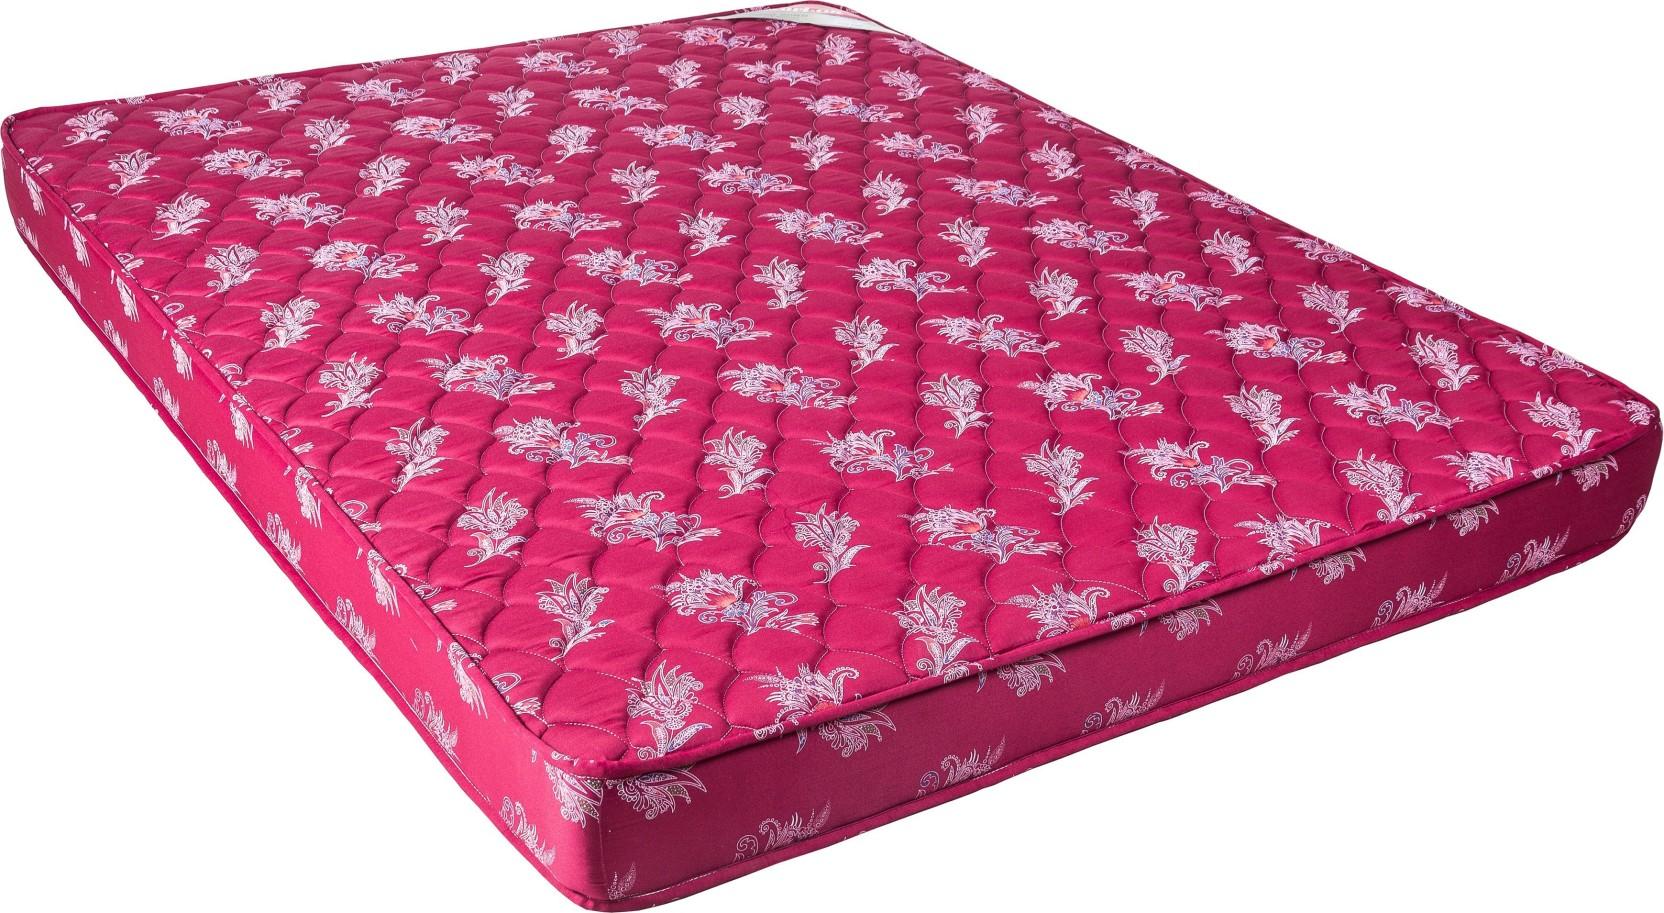 kurlon kurlo bond 5 inch king coir mattress price in india buy kurlon kurlo bond 5 inch king. Black Bedroom Furniture Sets. Home Design Ideas